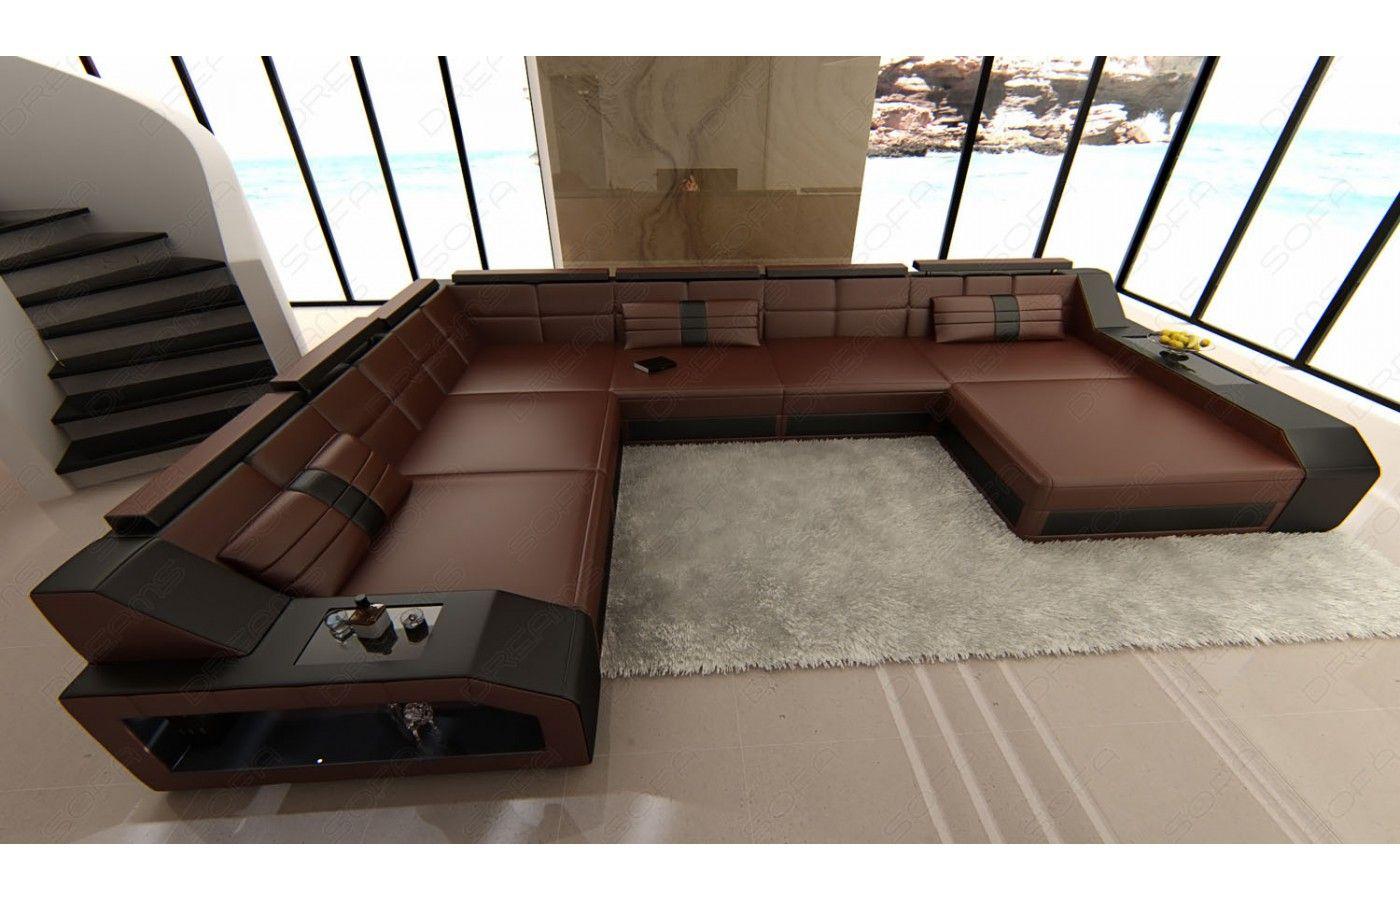 Xxl Wohnlandschaft Matera Leder Sofa Design Graues Sofa Sofa Wohnlandschaft